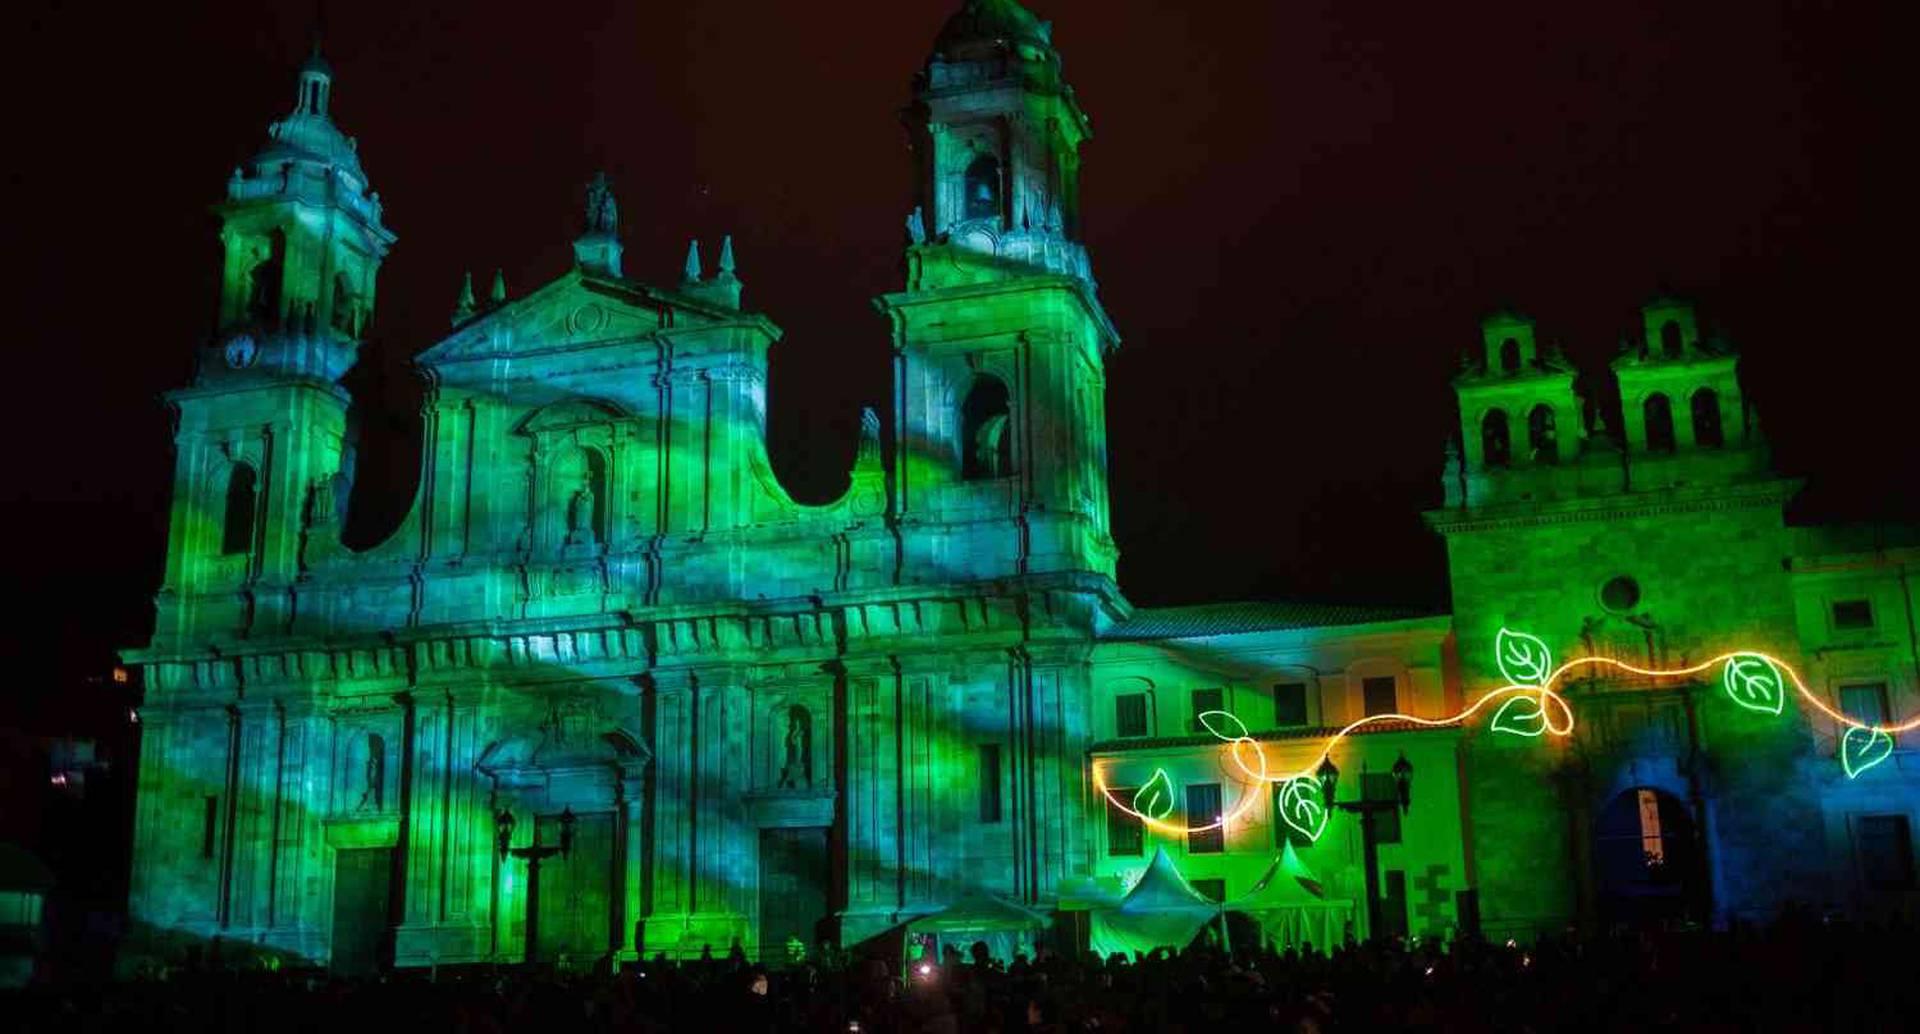 Catedral Primada de Bogotá durante la proyección en gran formato,  que hará un recorrido por la biodiversidad de la flora y fauna colombianas,  que pintarán el cielo bogotano de figuras y colores. (Juancho Torres - Agencia Anadolu)